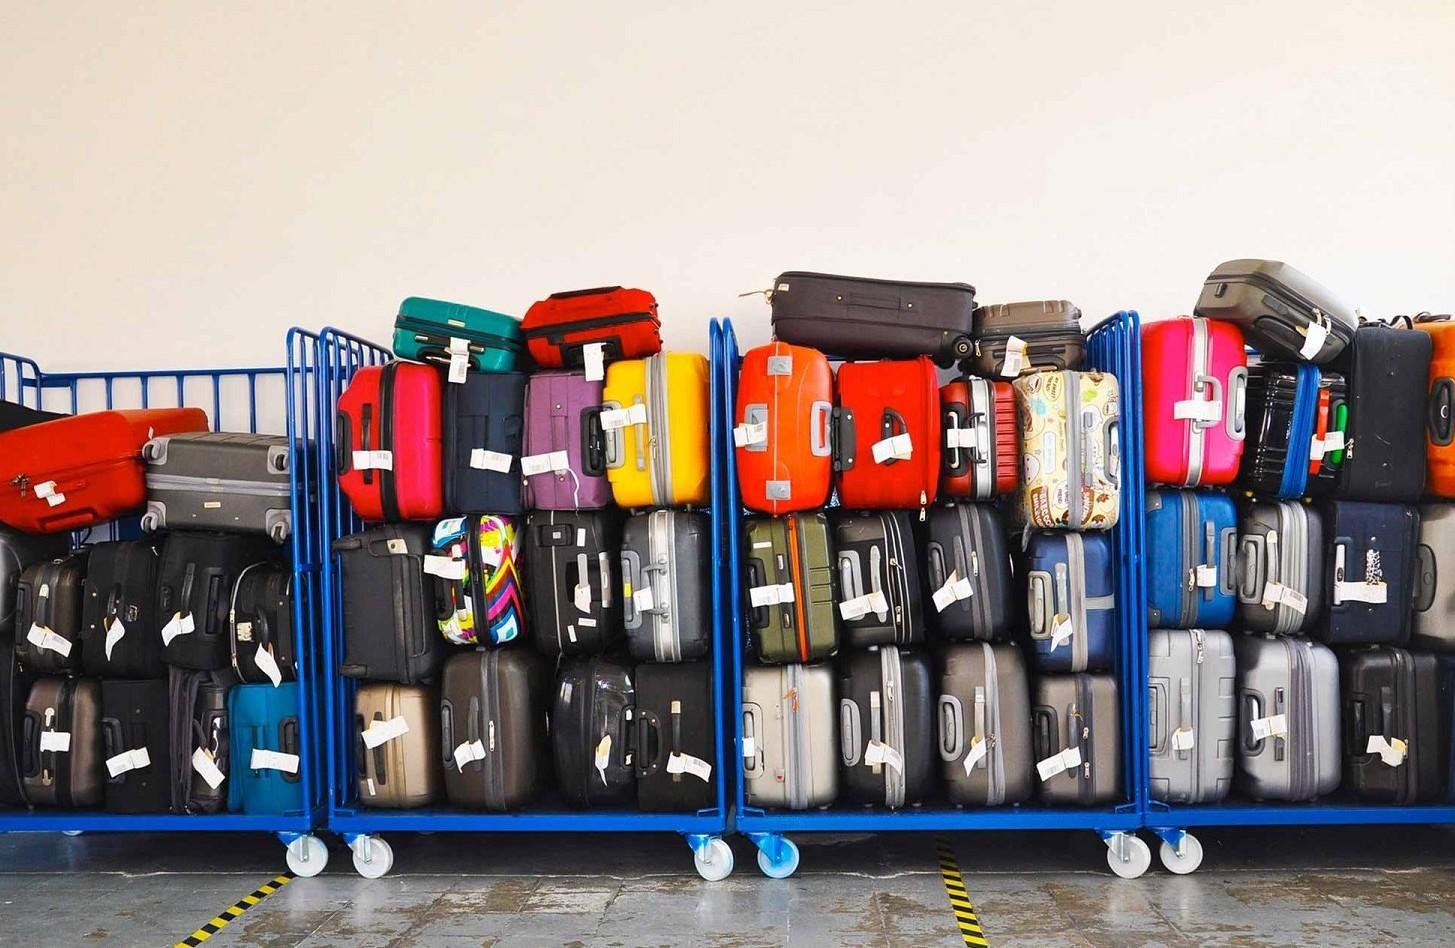 Smarrimento bagagli, cosa fare per recuperare valigie perse o avere risarcimento